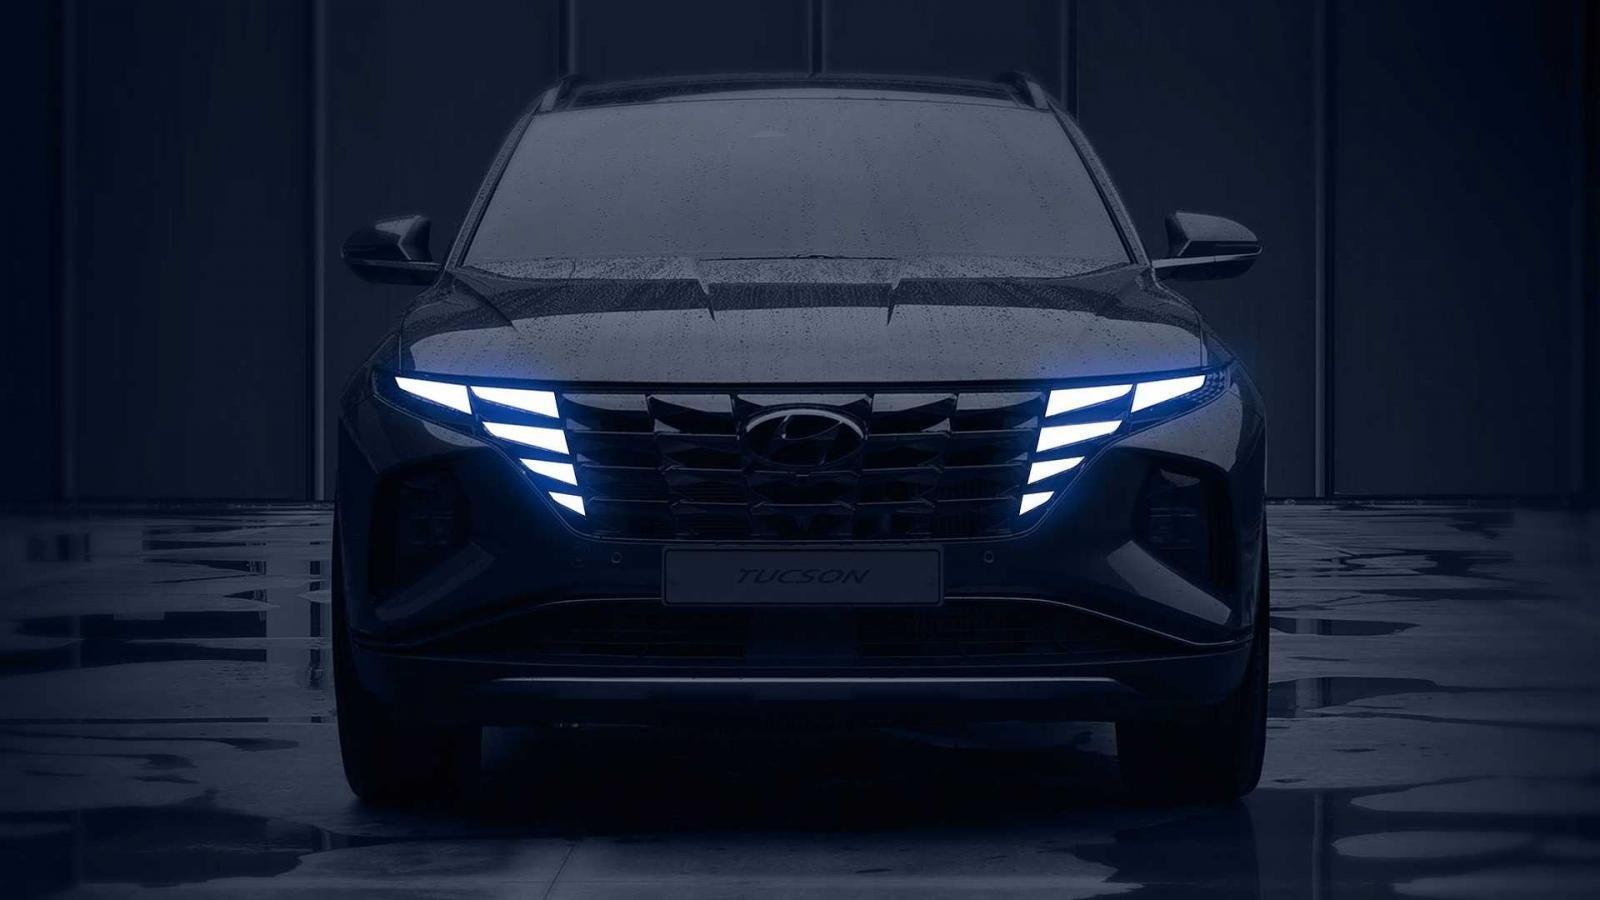 Hyundai Tucson 2021 nhá hàng đầu xe lẫn nội thất hiện đại